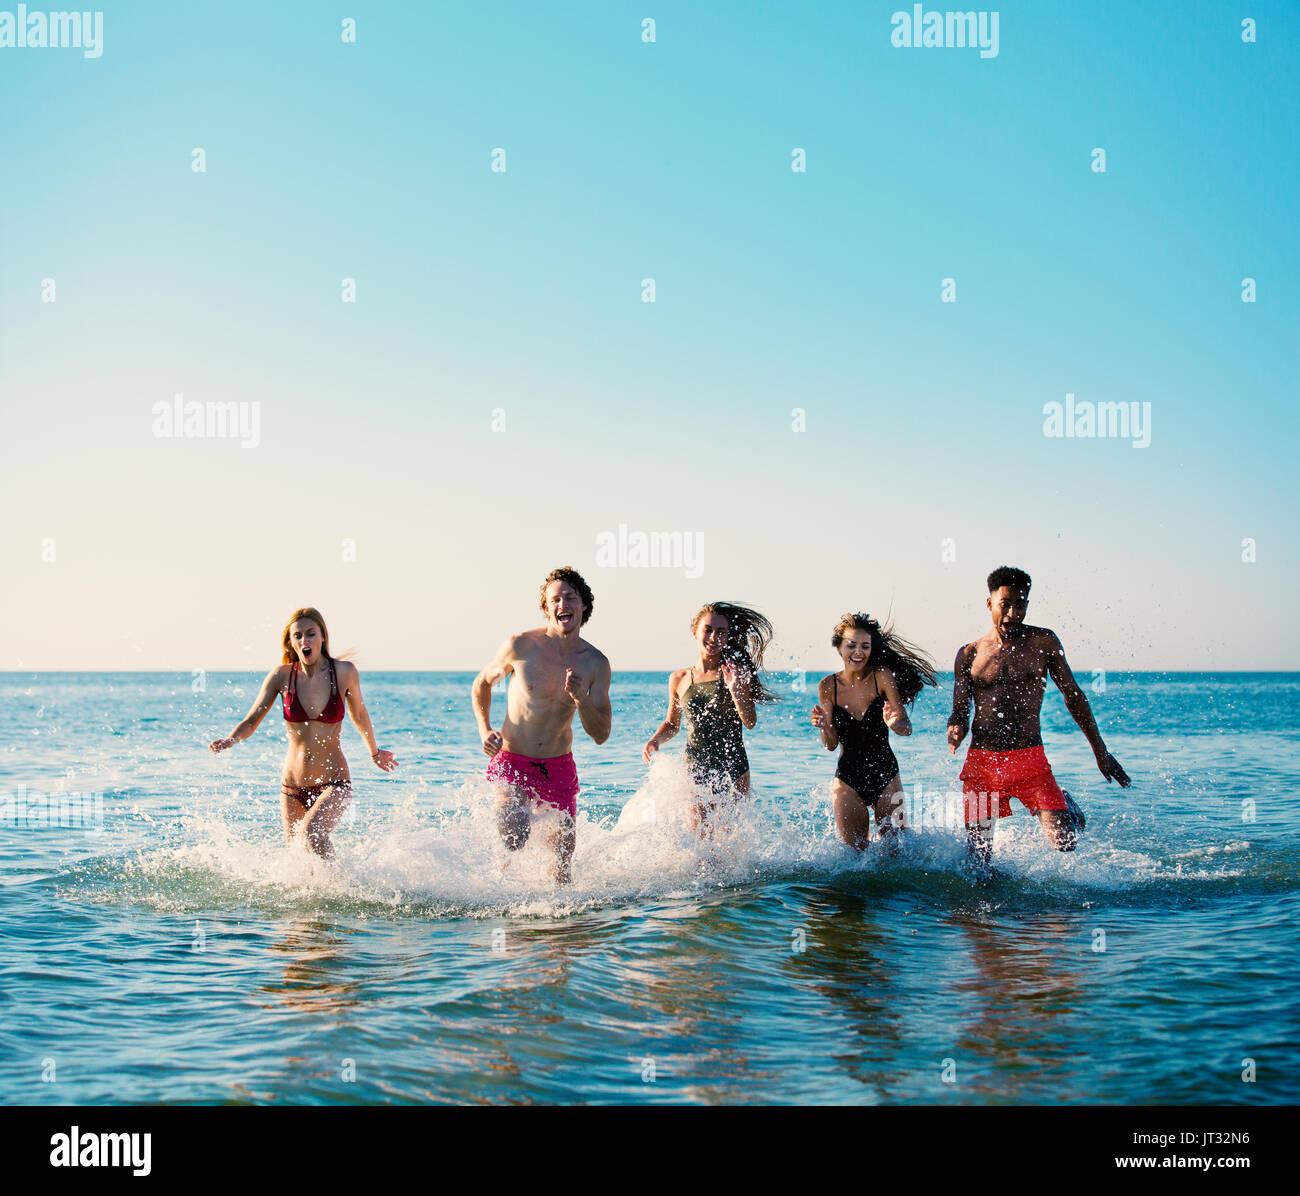 Groupe d'amis s'exécuter dans la mer. Concept d'été Photo Stock